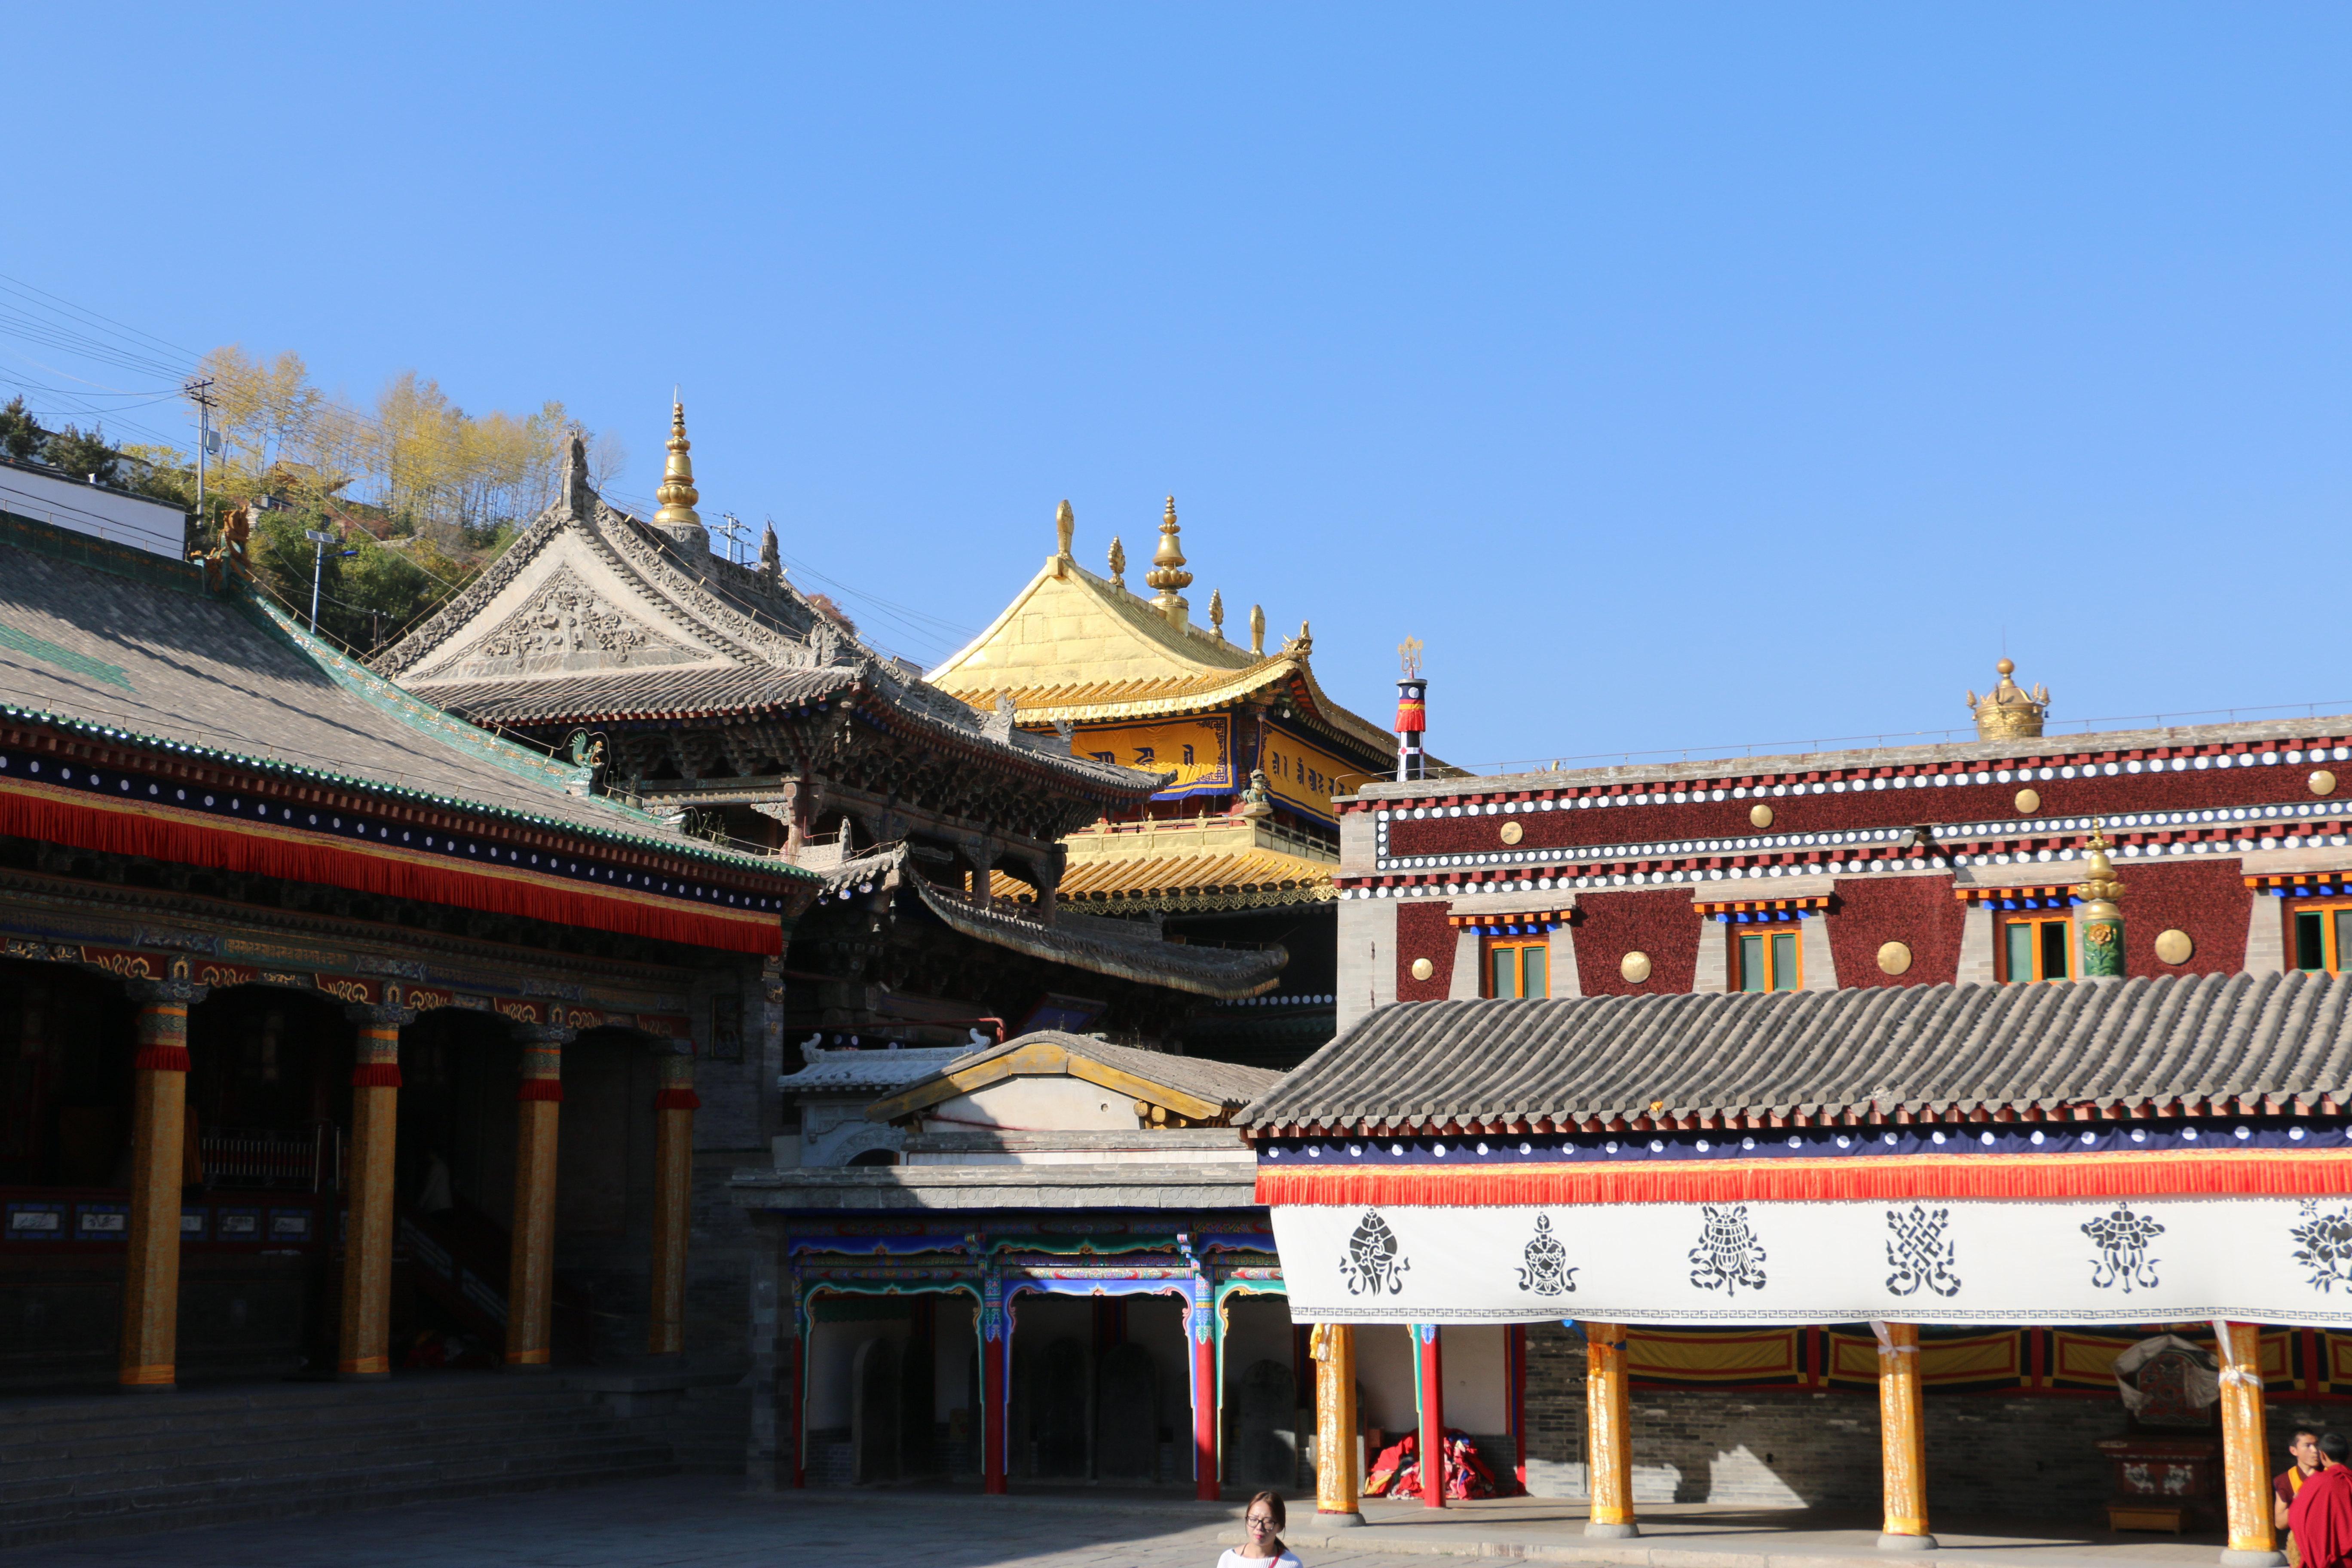 塔尔寺位于青海省西宁市湟中县,建于明嘉靖三十九年(公元1560年)